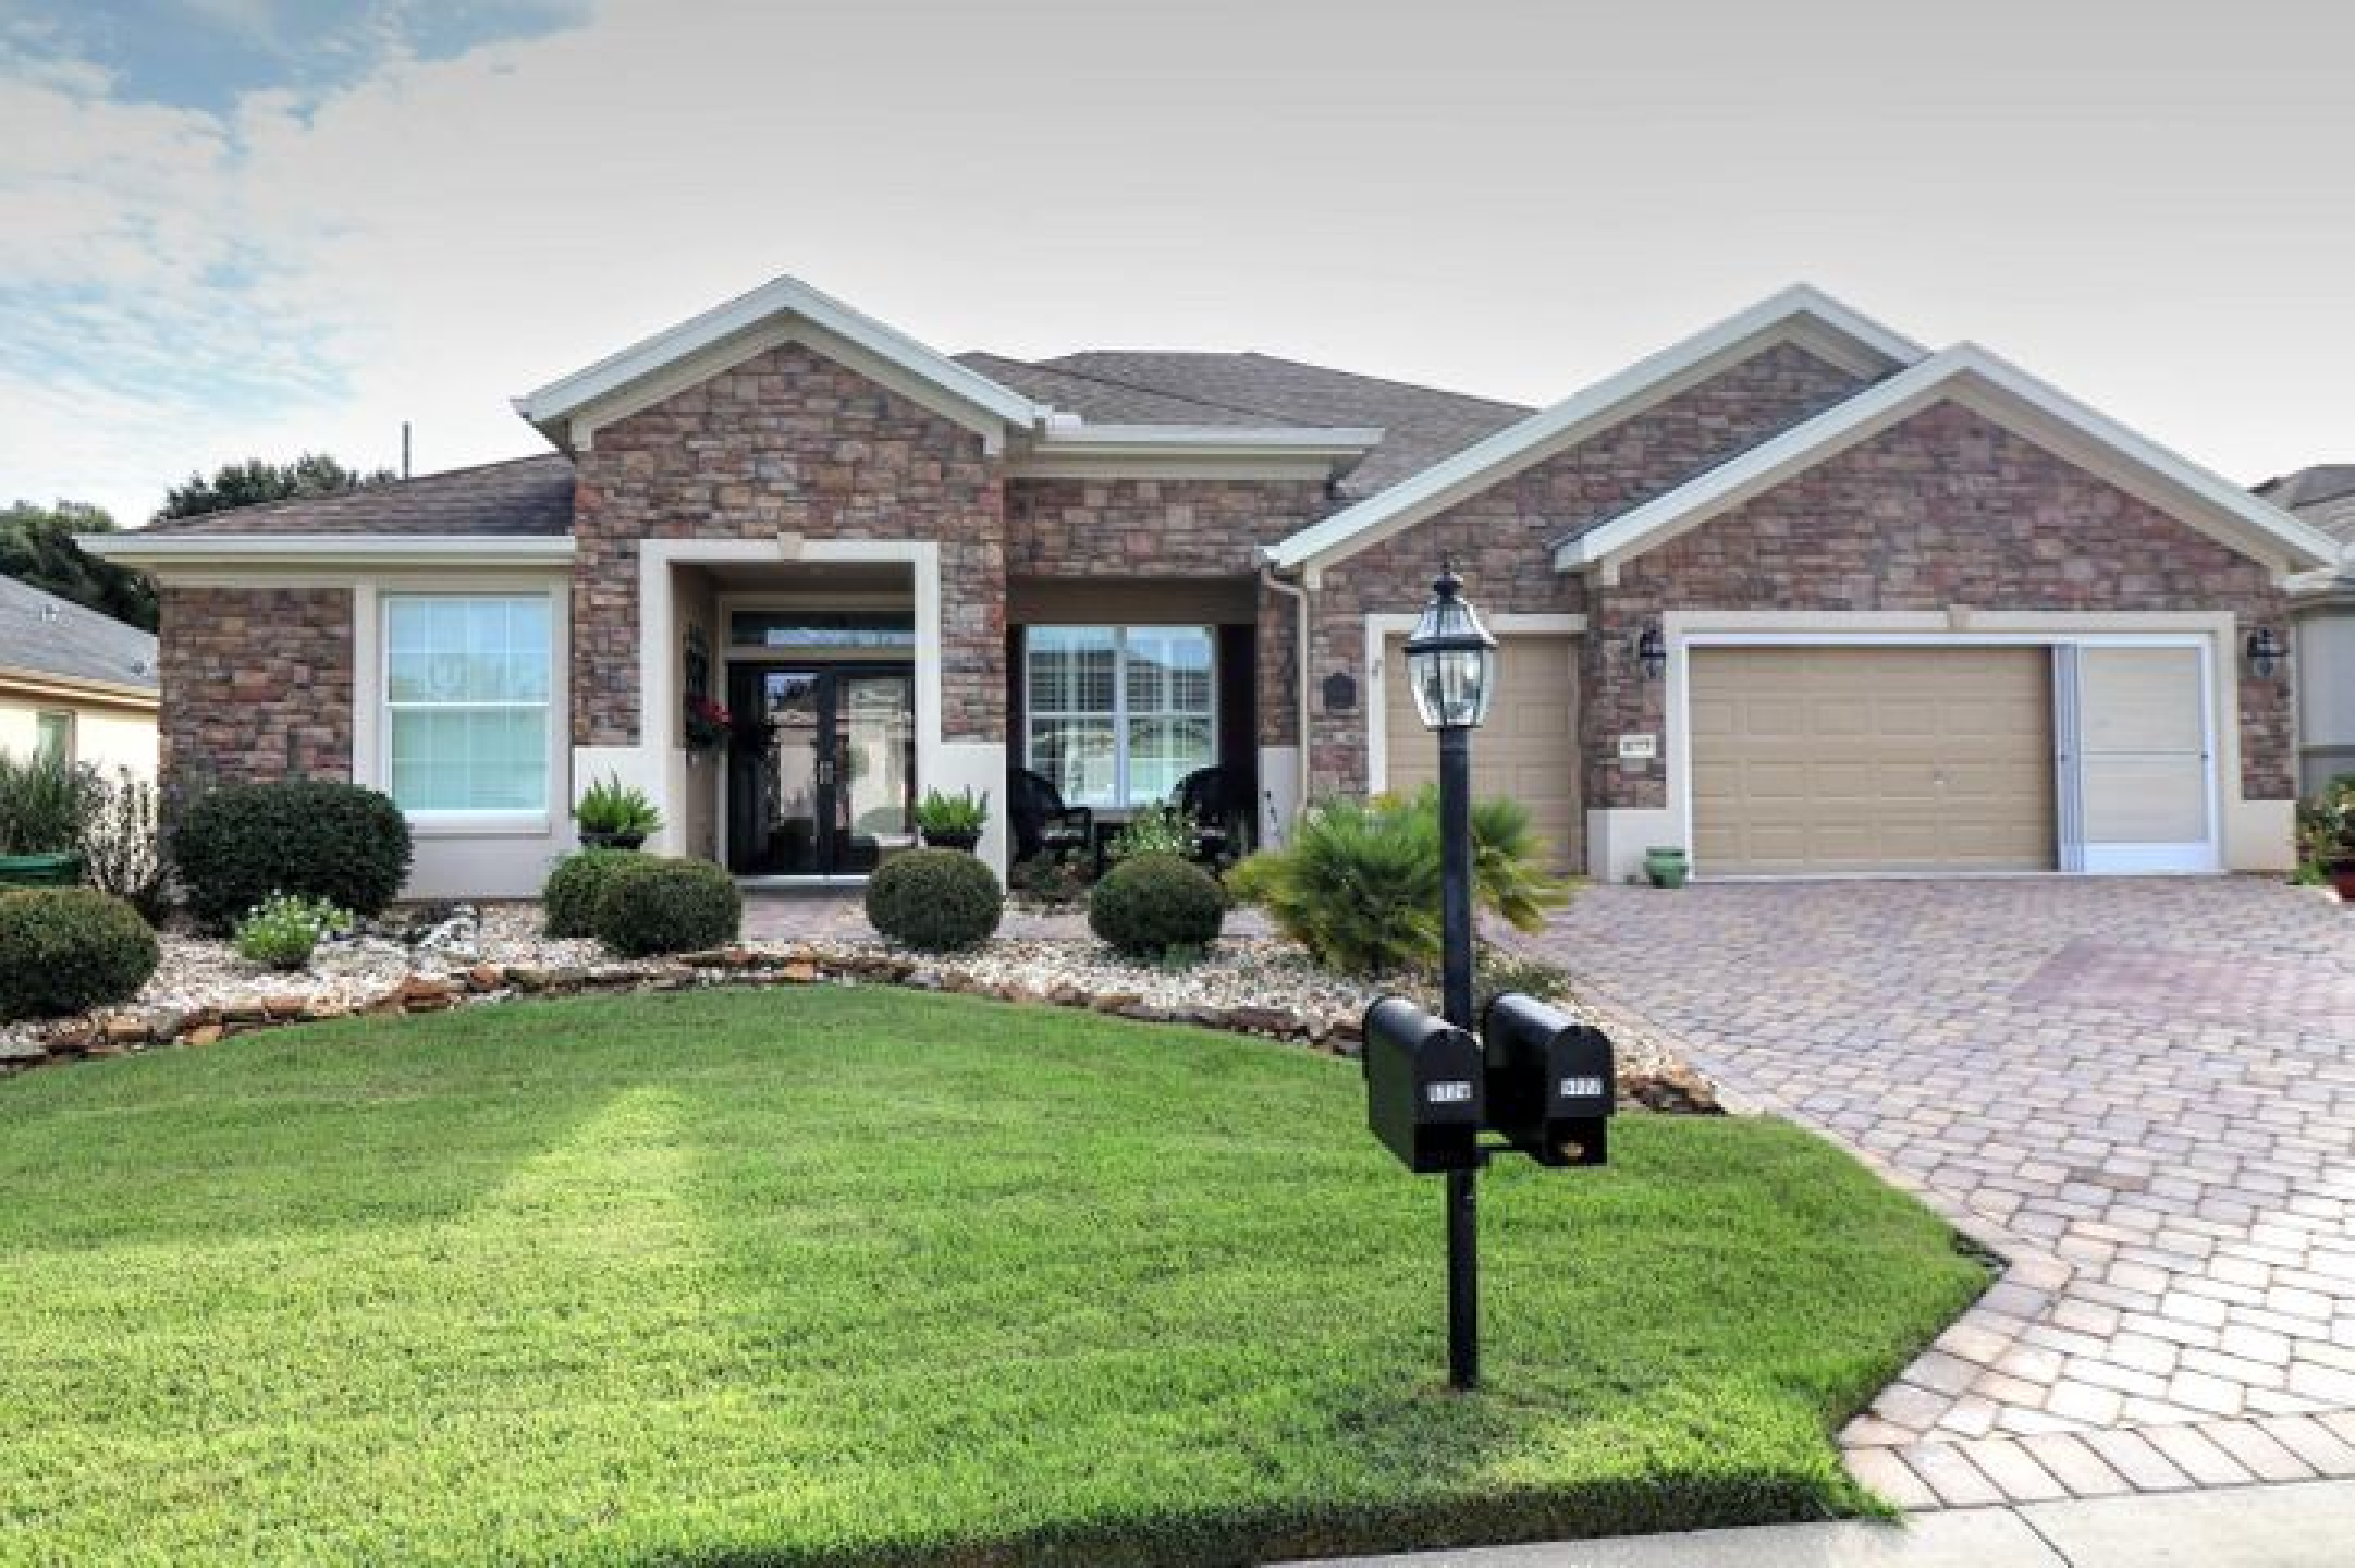 9777 SE 125th Lane, Summerfield, FL 34491